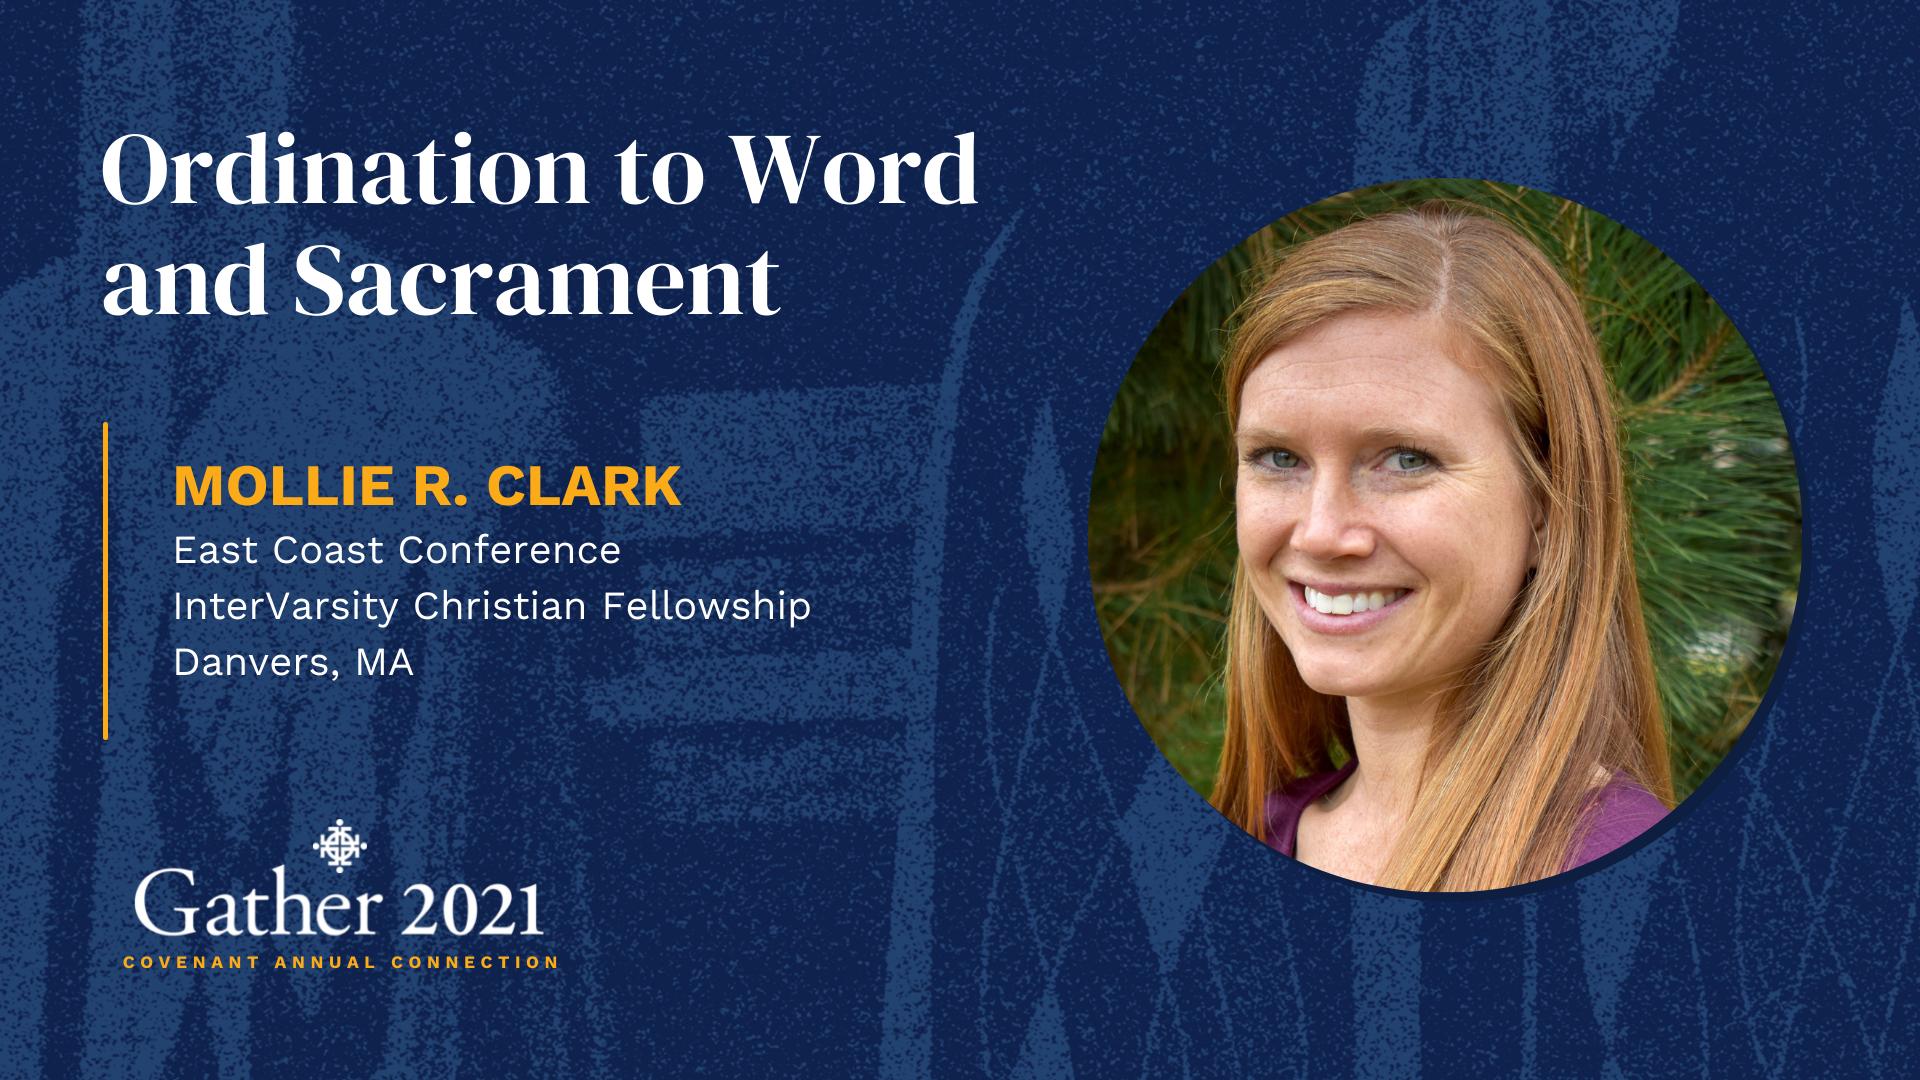 Mollie R. Clark